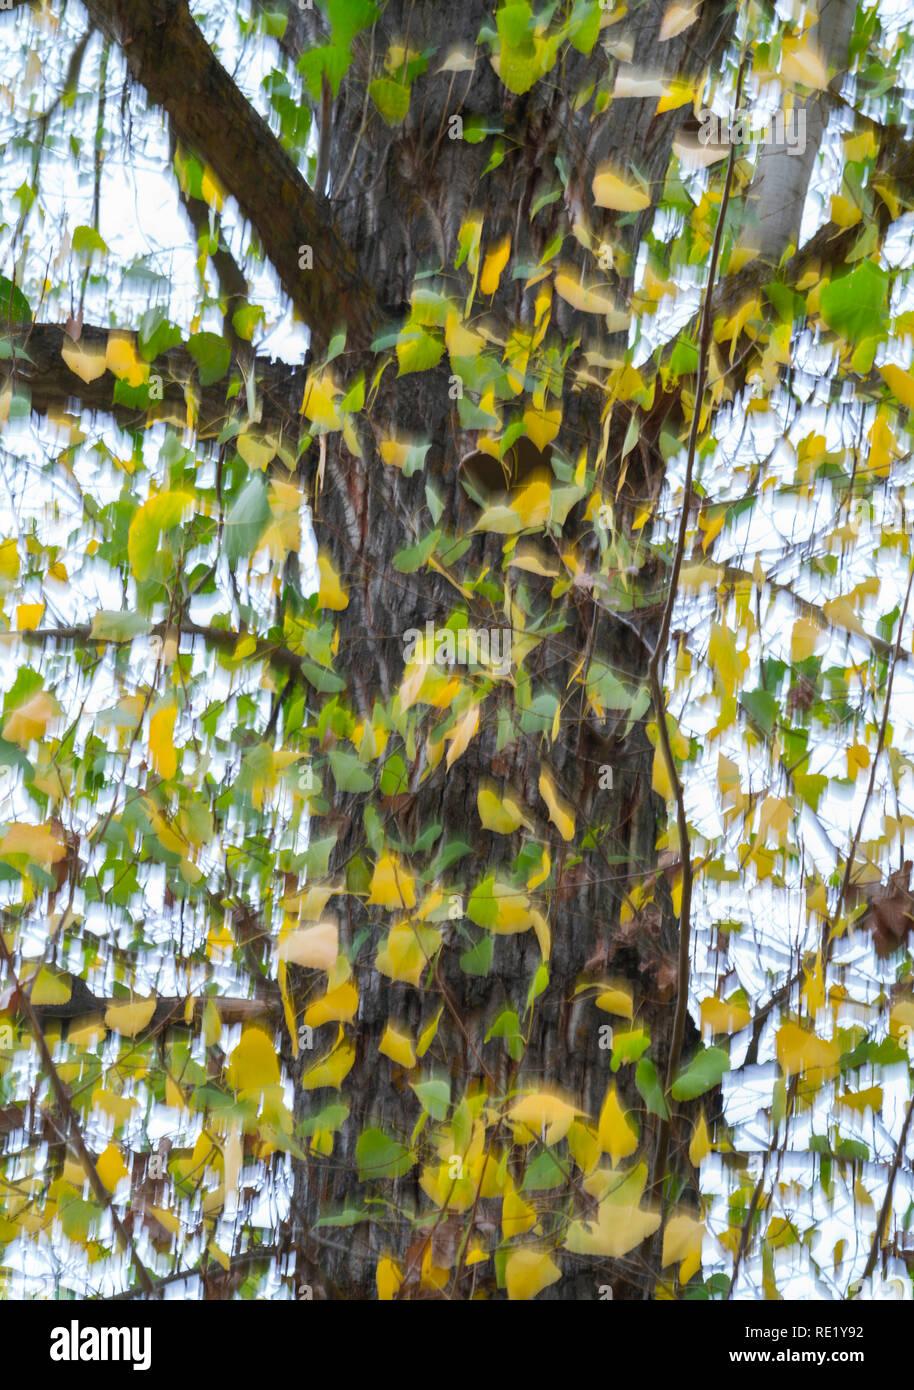 Populus in autumn, Dehesa de Colmenarejo, La Pedriza de Manzanares, Sierra de Guadarrama National Park, Manzanares el Real, Madrid, Spain, Europe Stock Photo